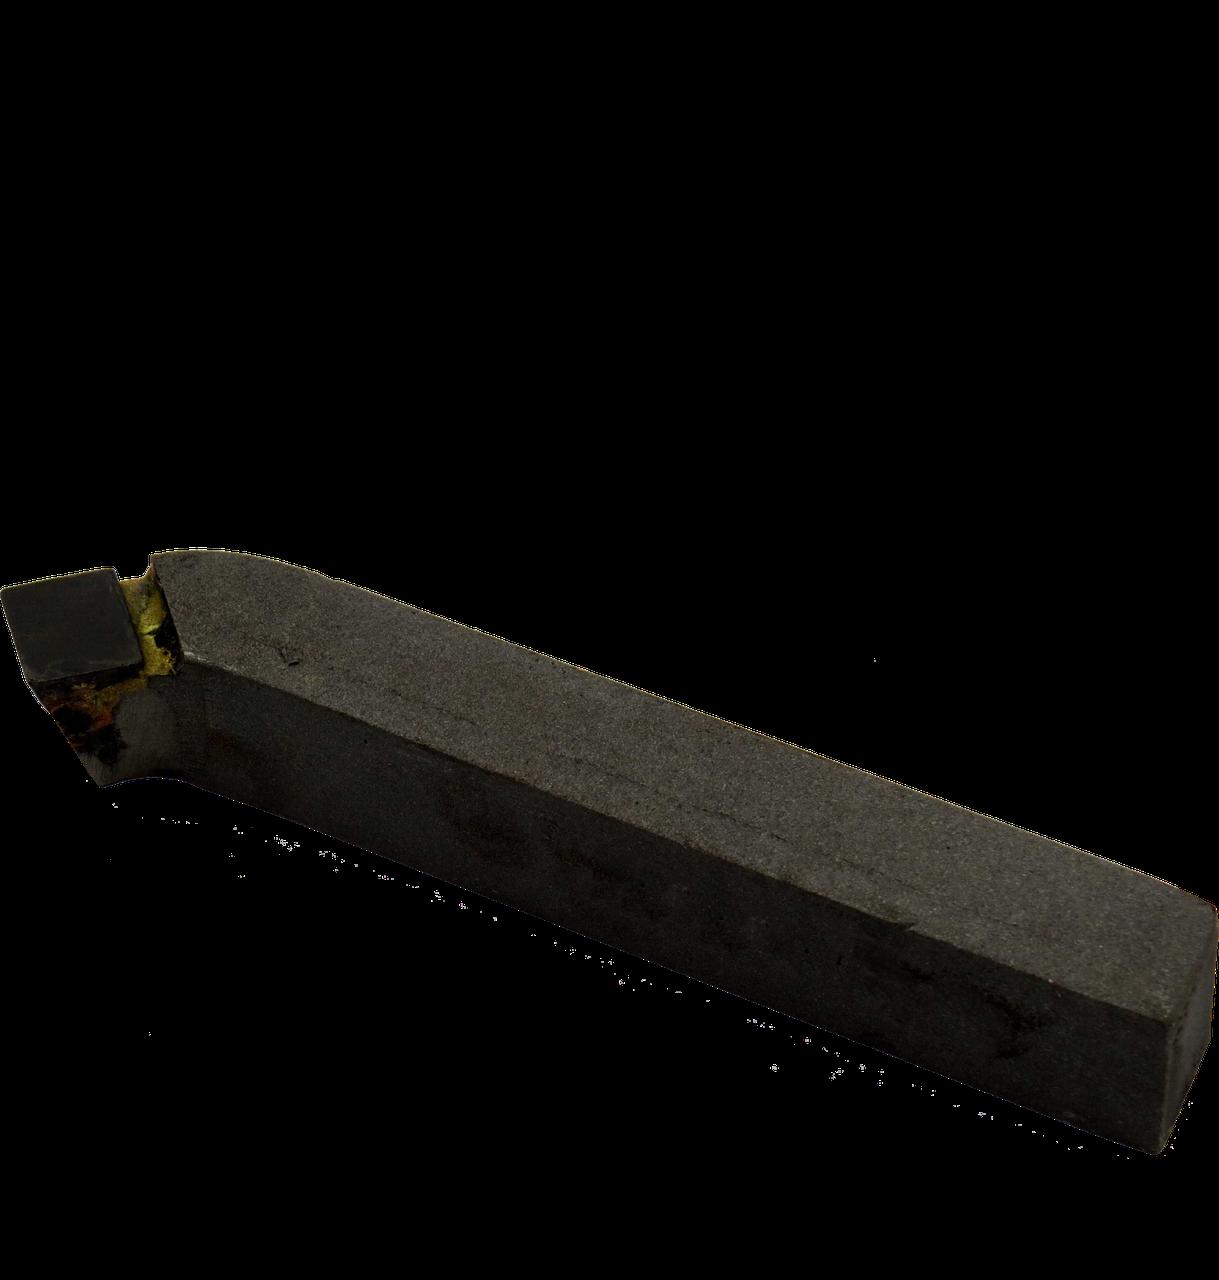 Резец токарный проходной отогнутый 32х20х170 (Т5К10) СИТО Беларусь